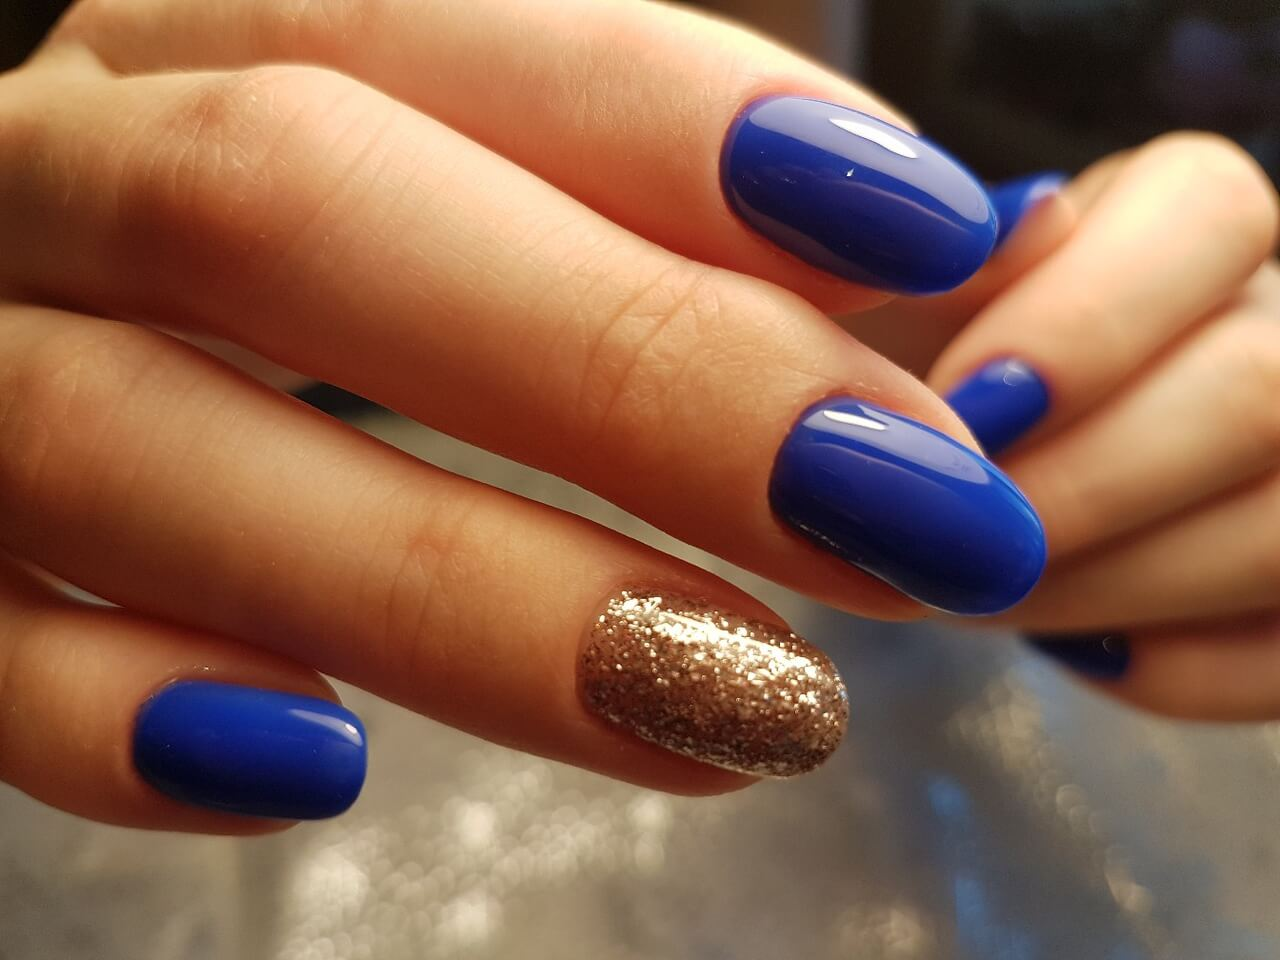 Синий гель-лак - фото идей дизайна ногтей - Best Маникюр